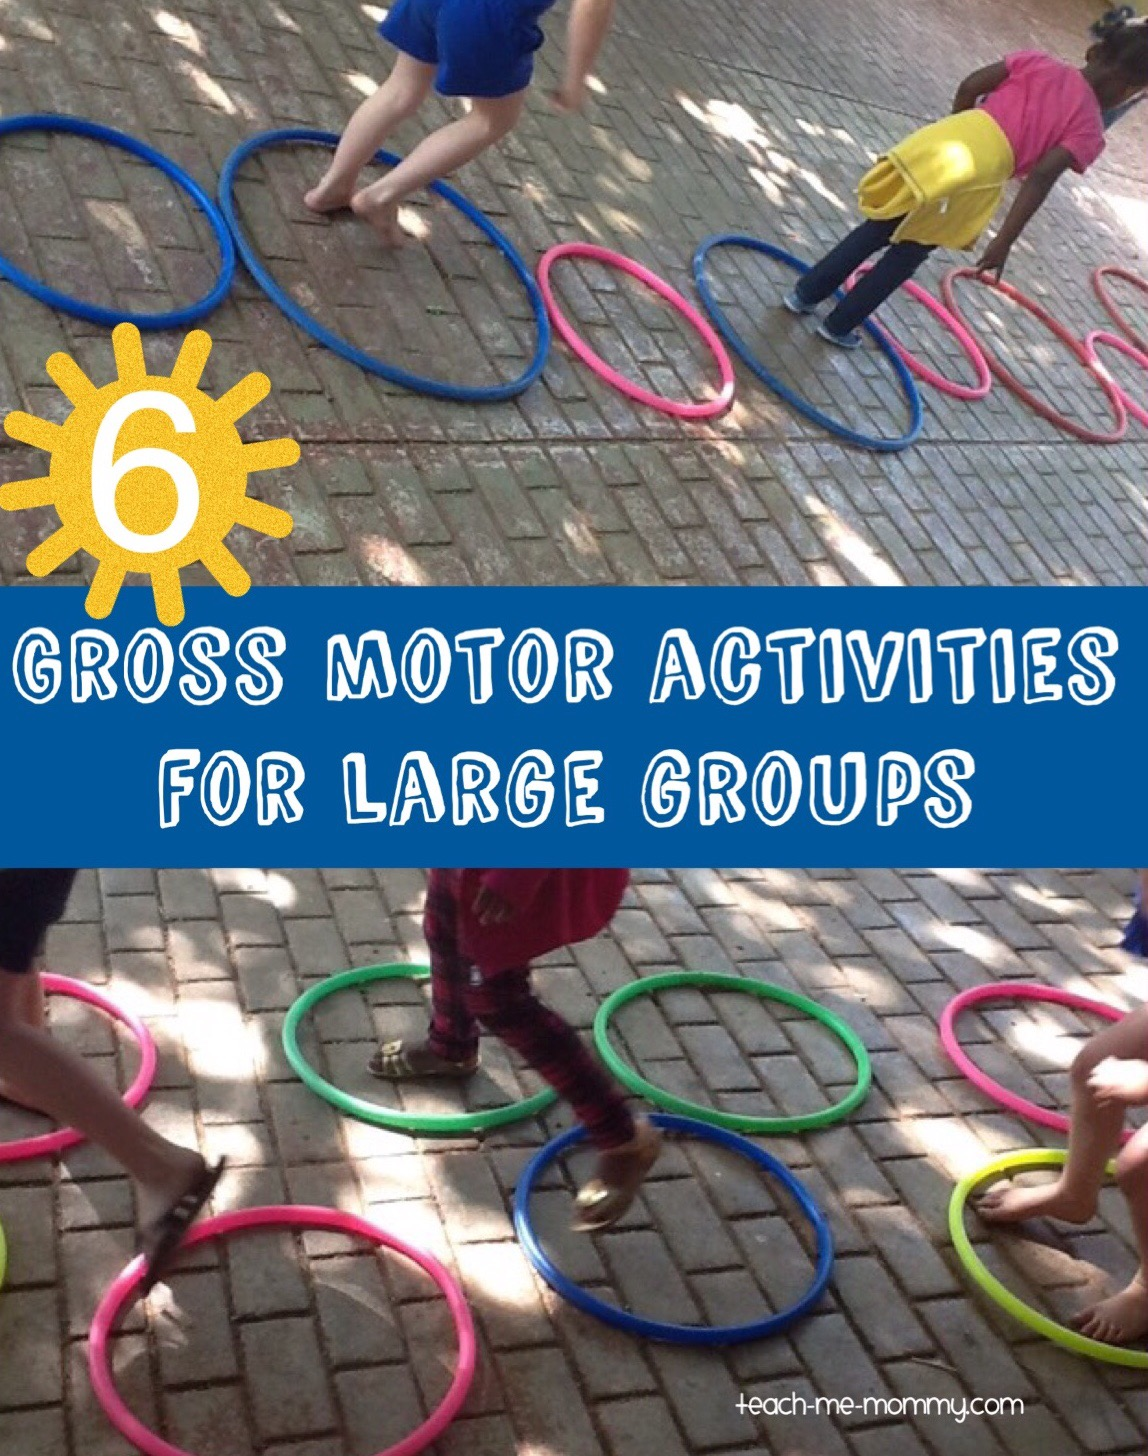 gross motor activities